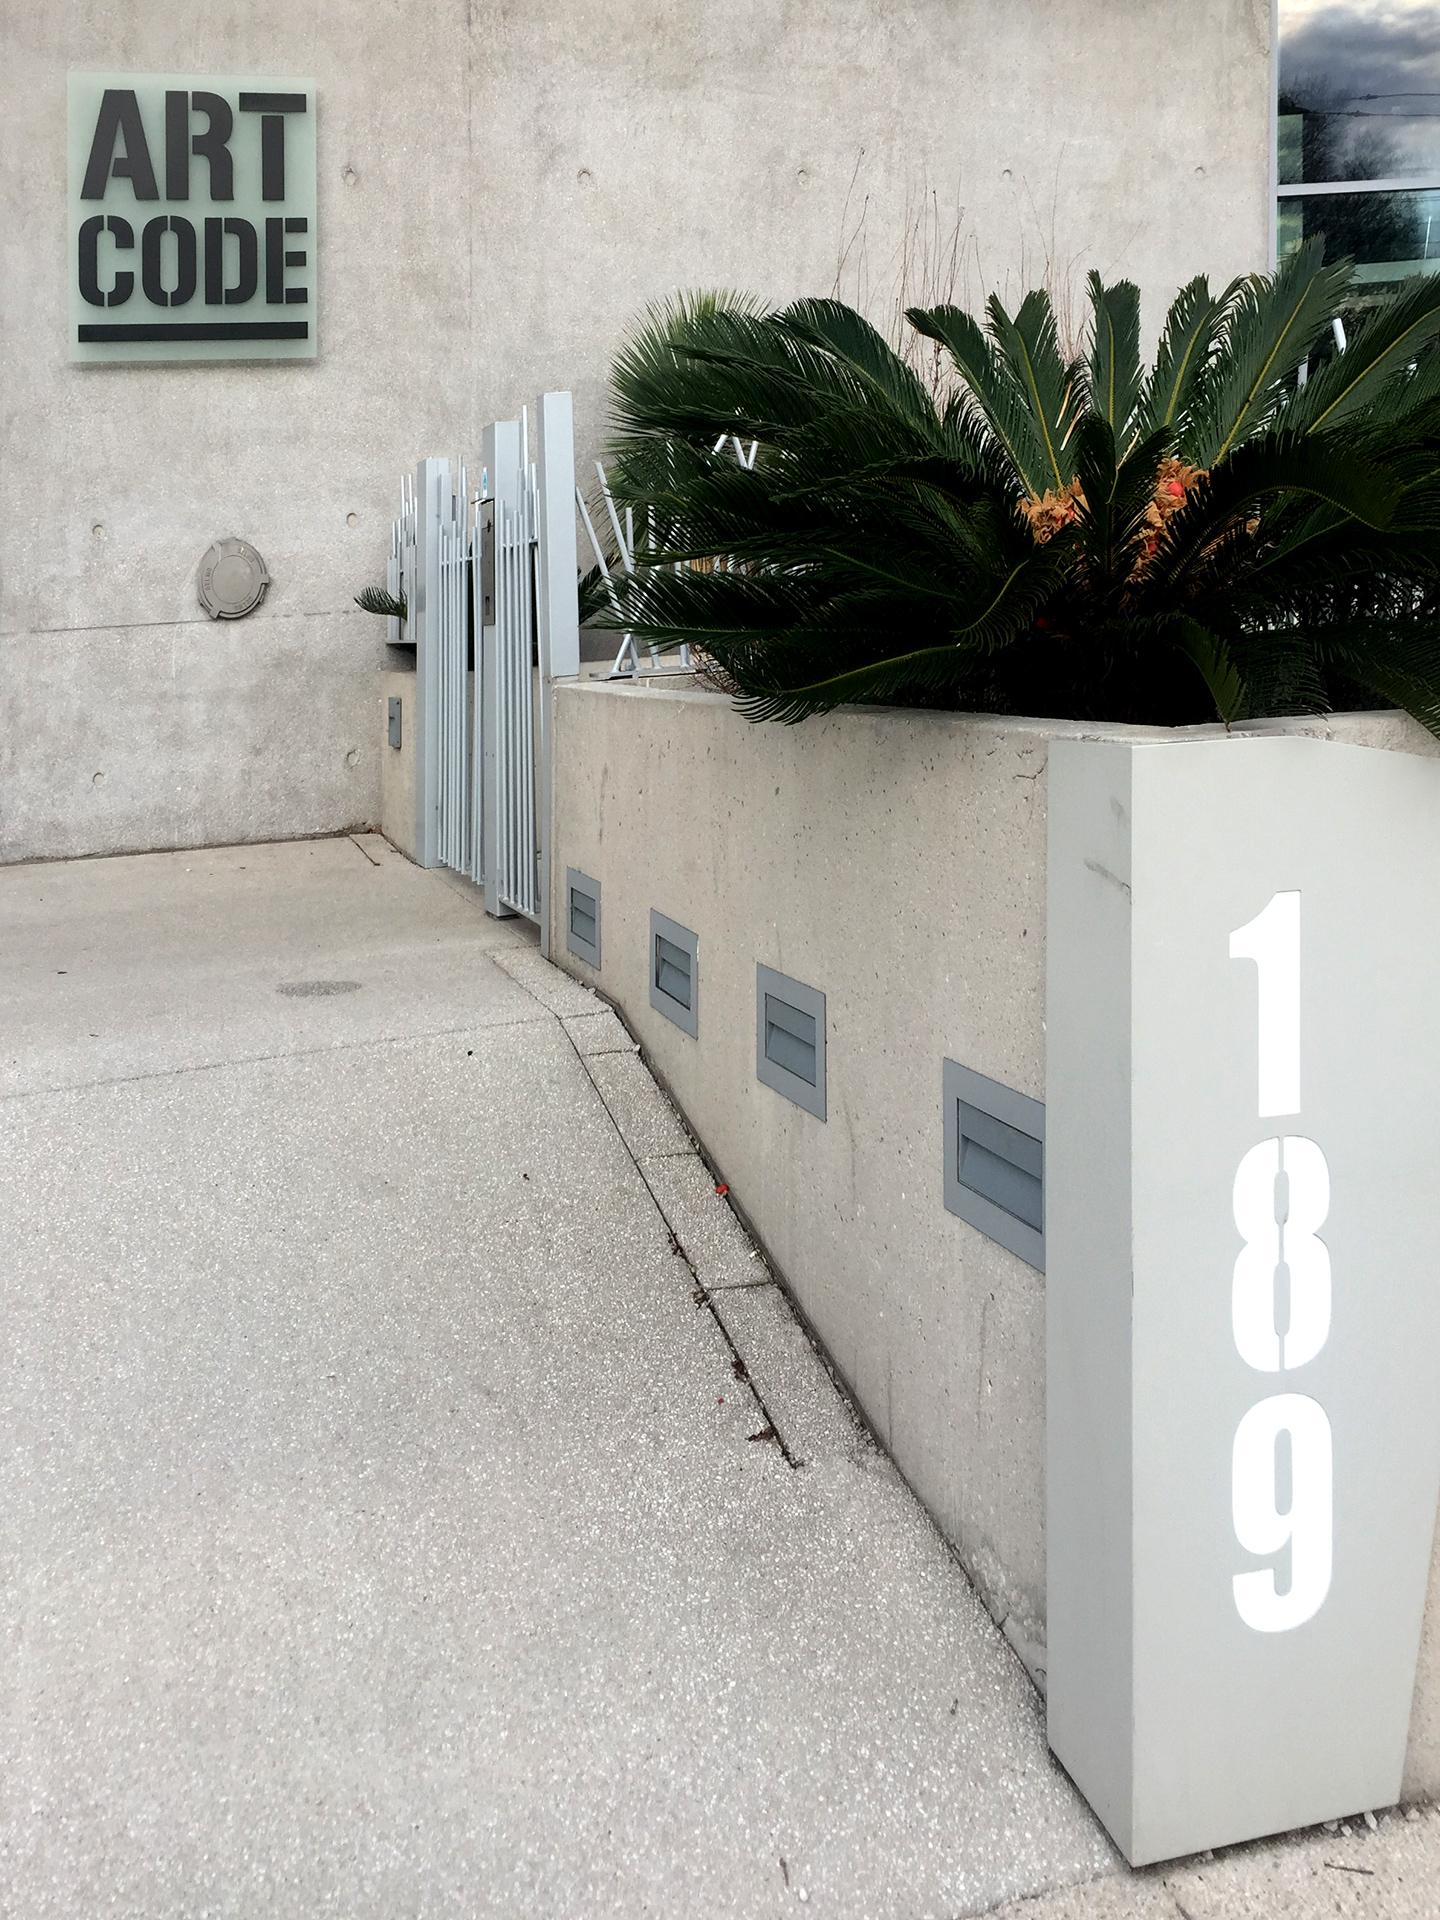 Résidence Art code : Entrée